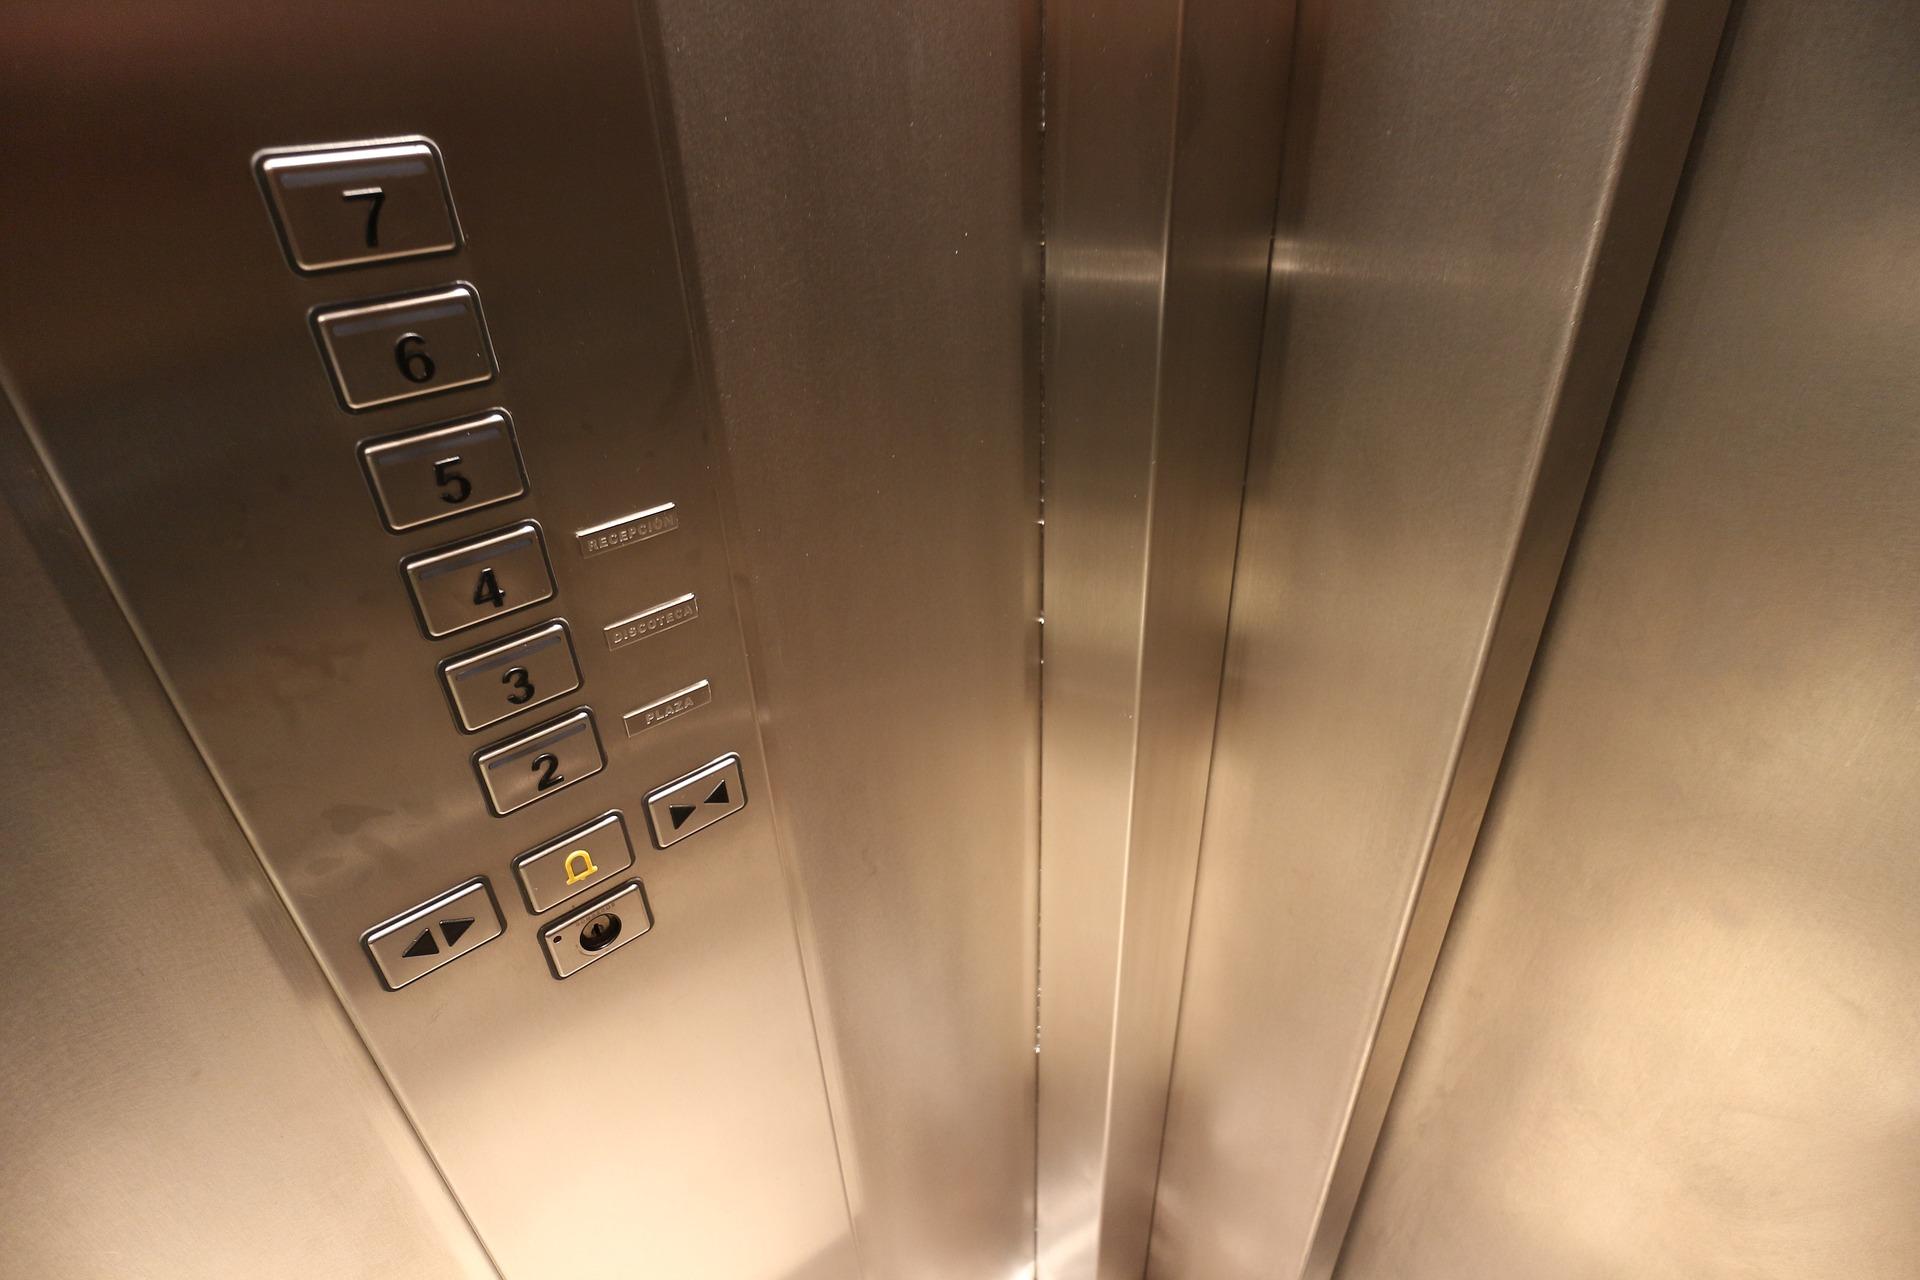 Жители воронежской многоэтажки не хотят платить за лифты-призраки - фото 1